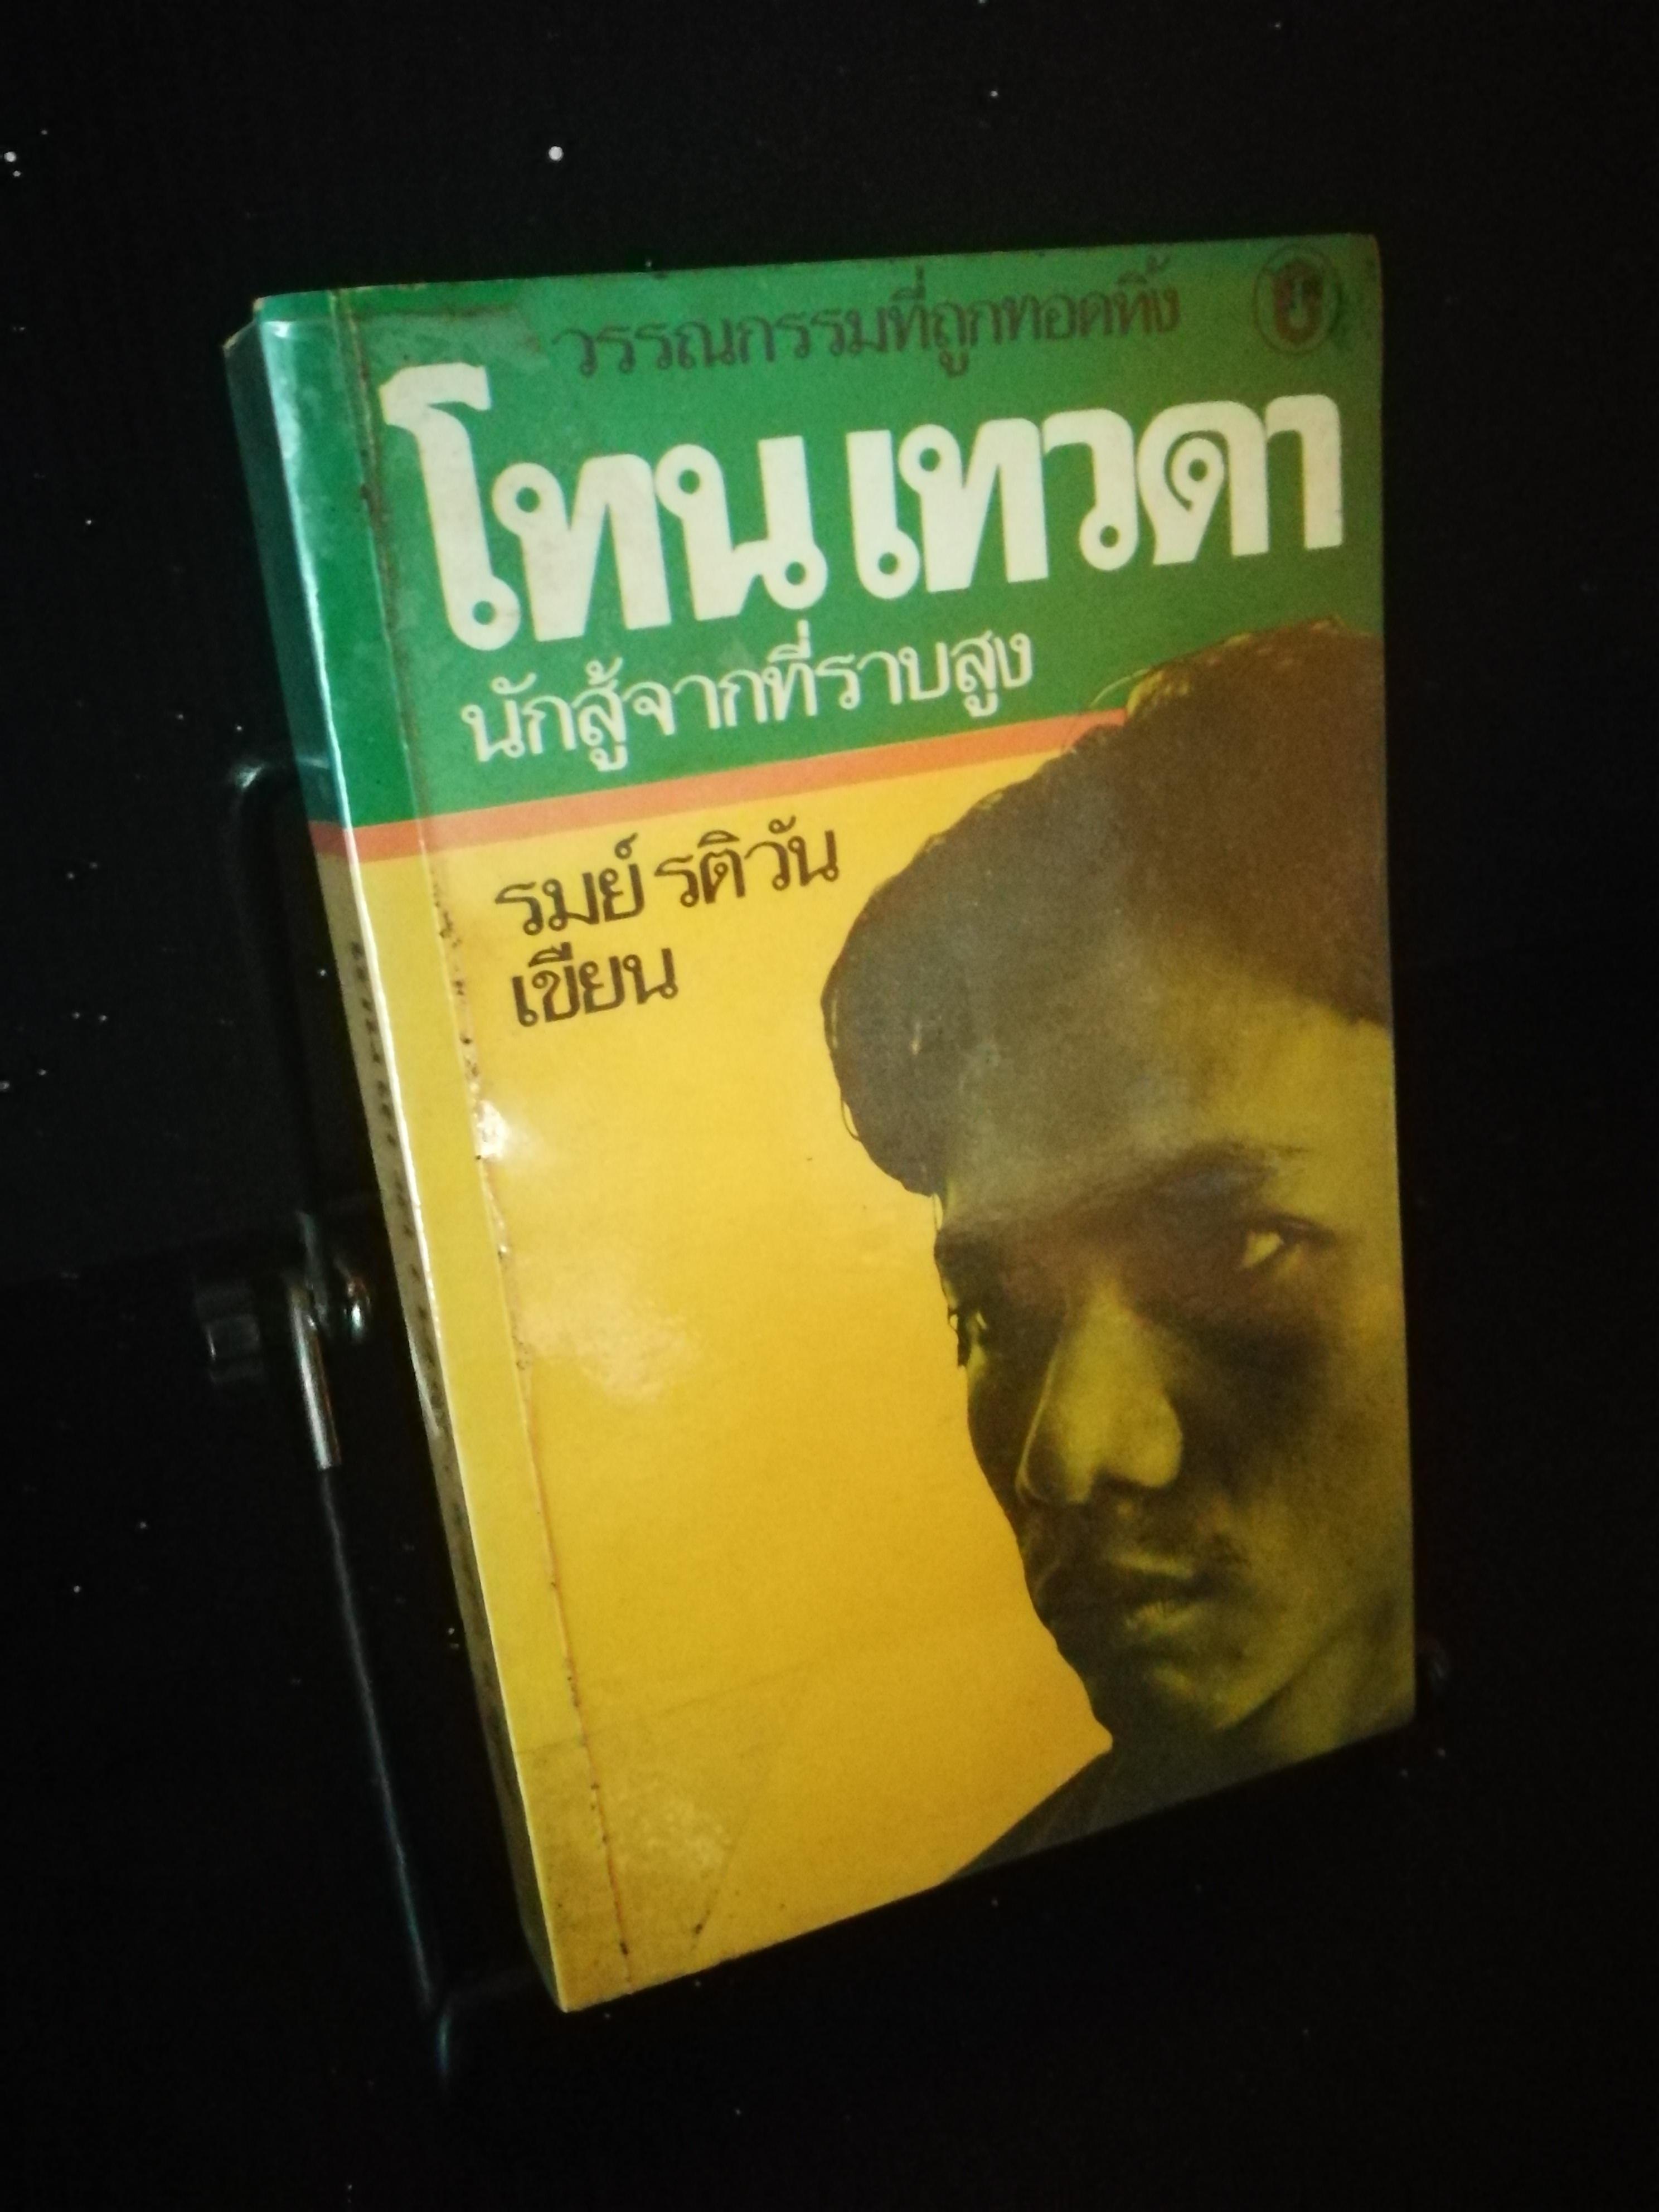 โทนเทวดา - รมย์ รติวัน